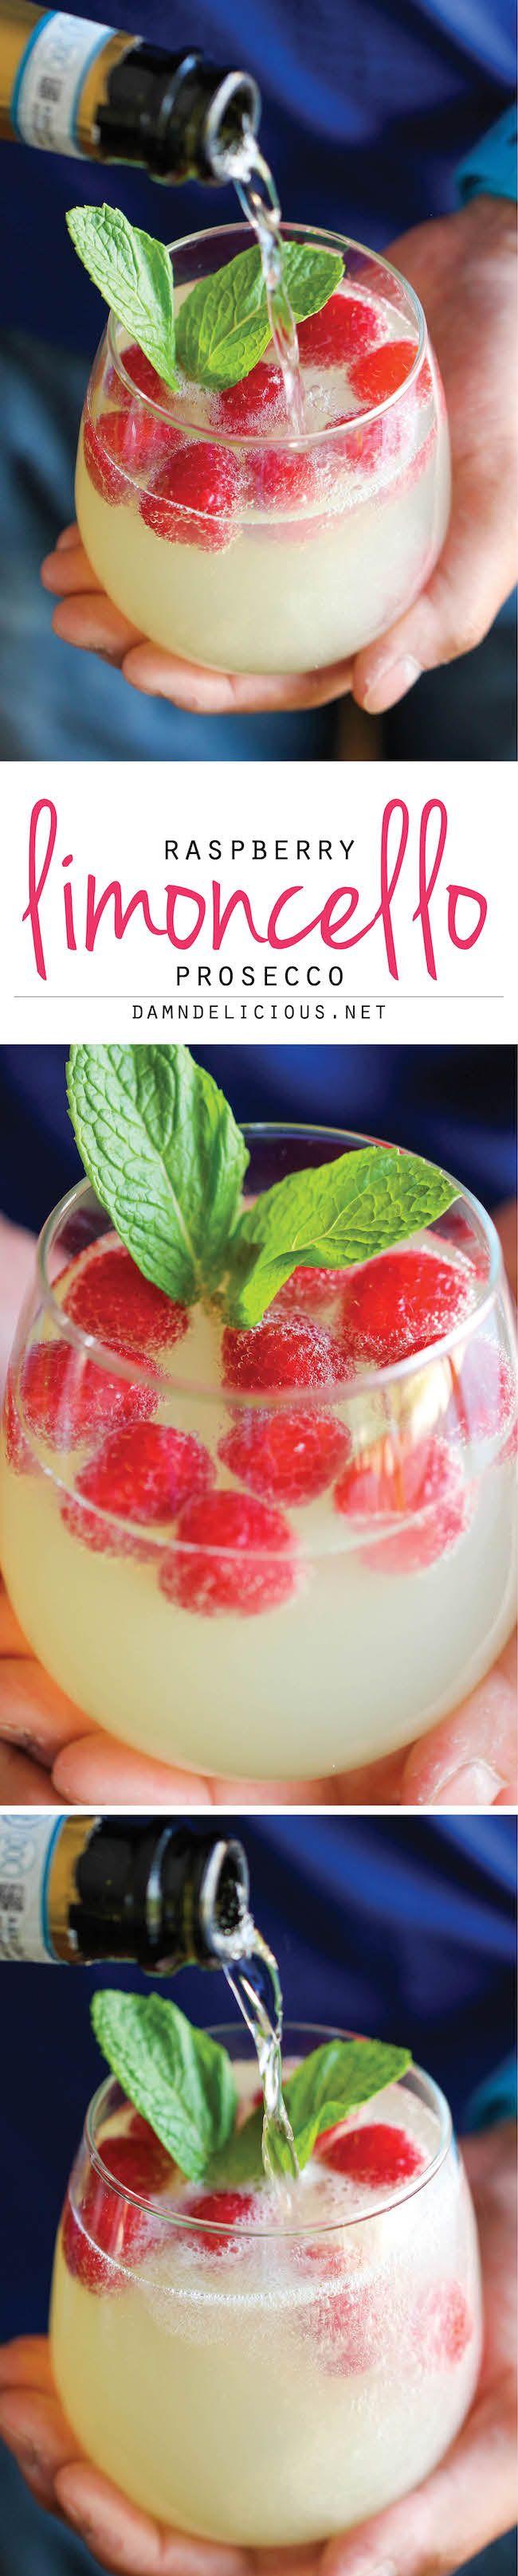 Raspberry Limoncello Prosecco 3 cups prosecco, chilled 1 cup limoncello liqueur, chilled 1 cup frozen raspberries 6 sprigs fresh mint